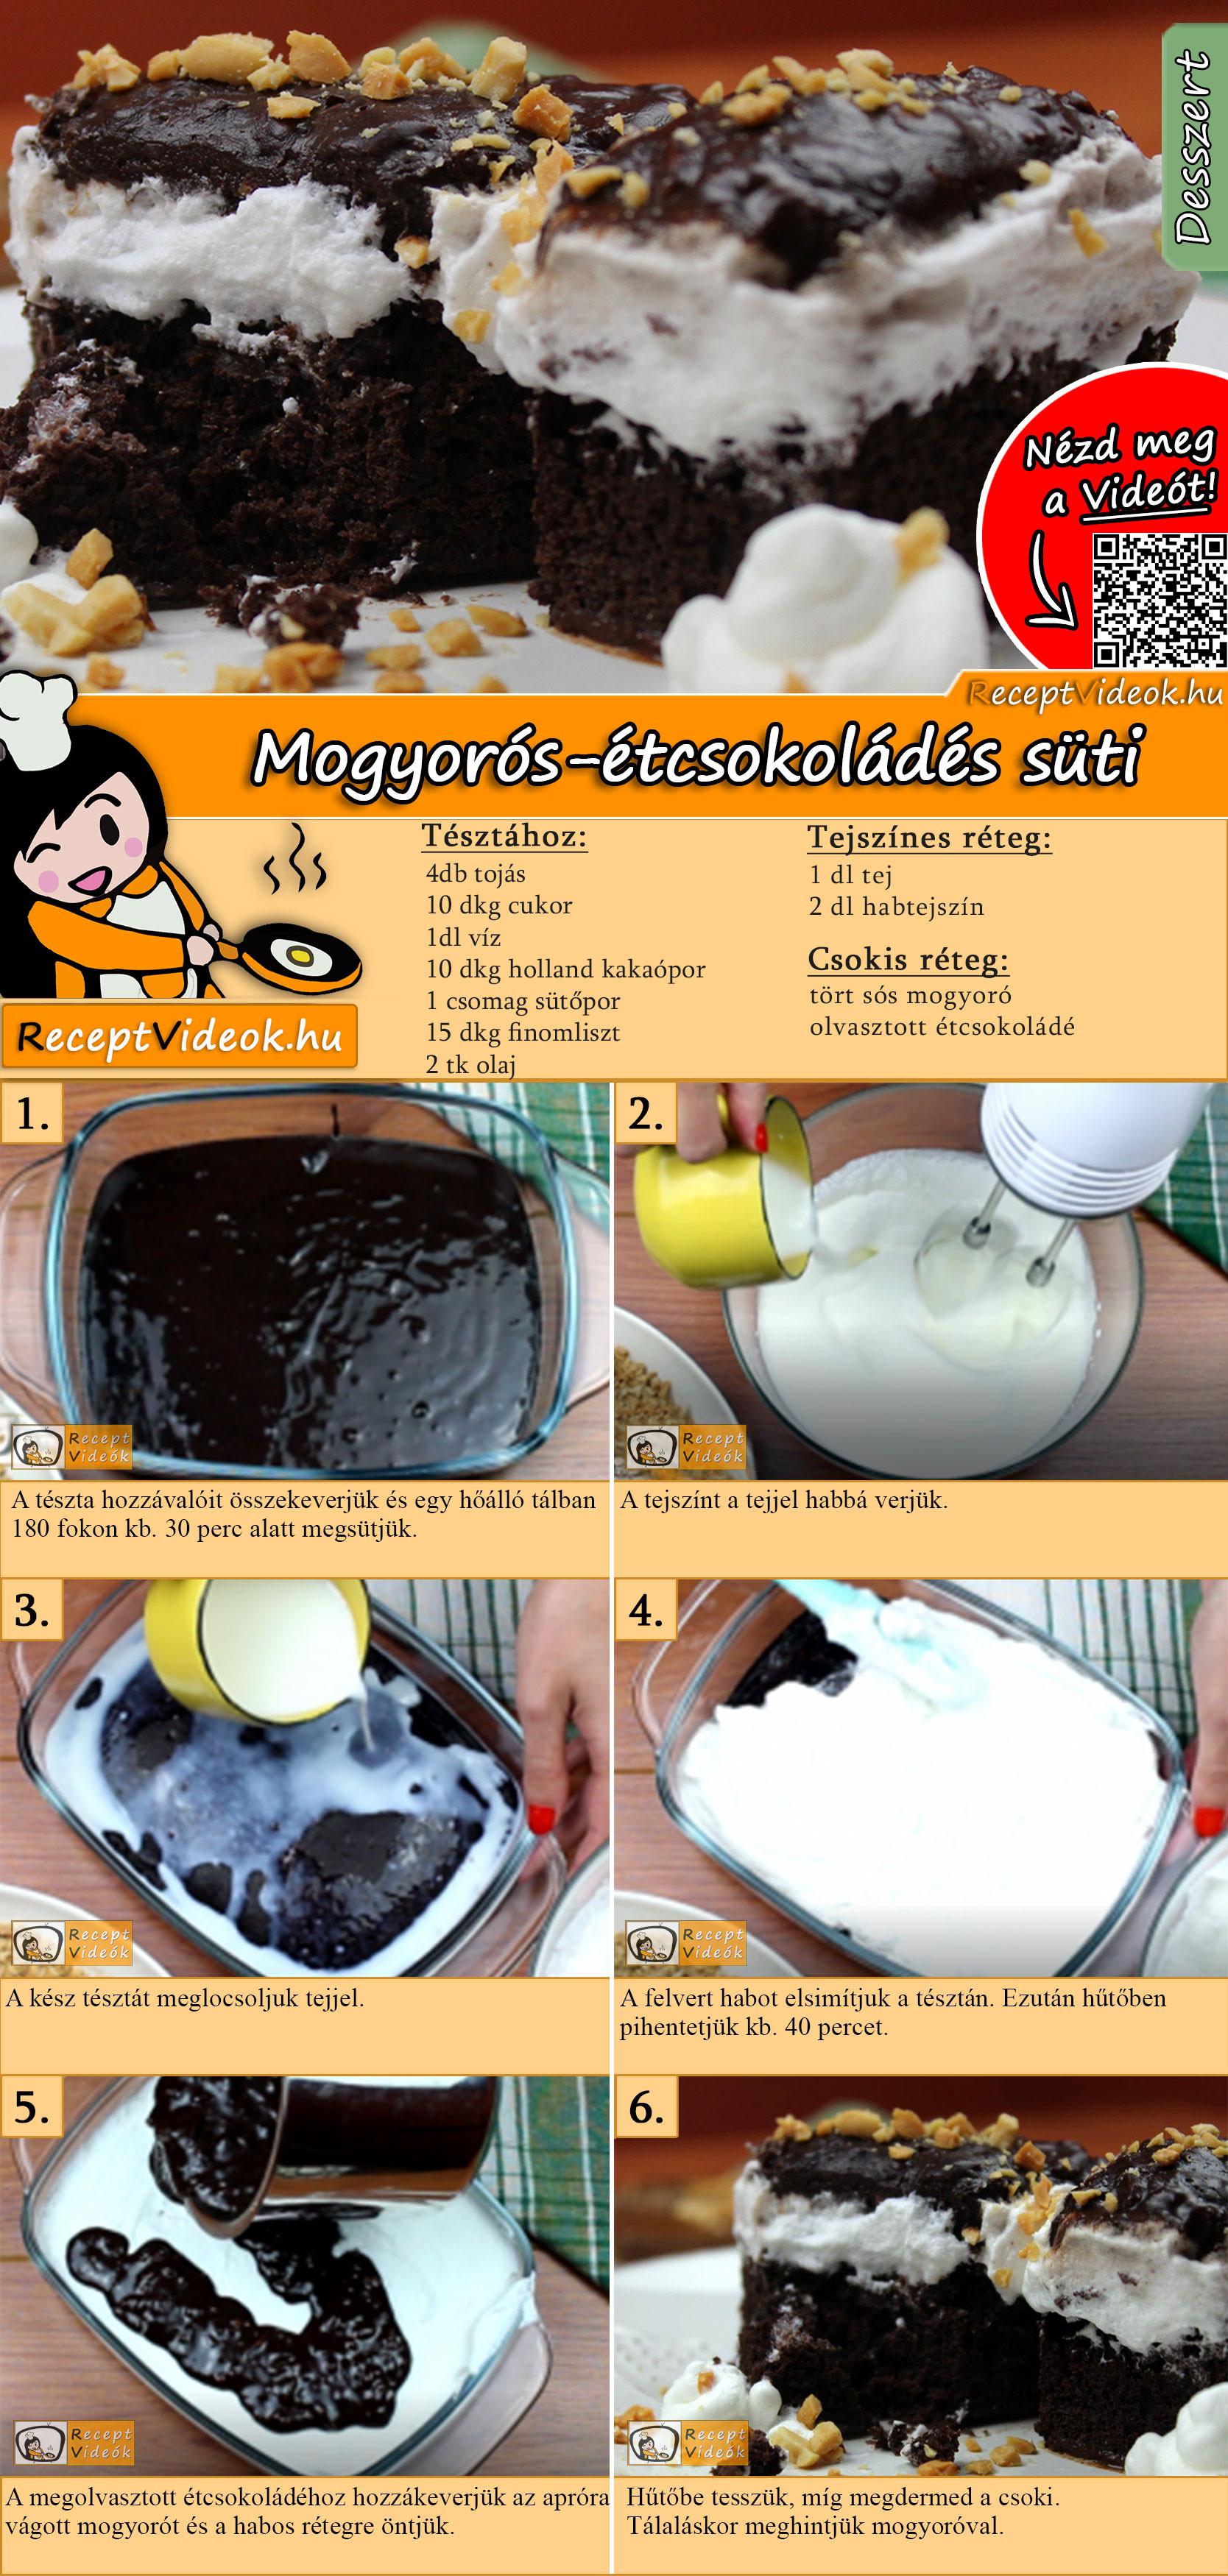 Mogyorós-étcsokoládés süti recept elkészítése videóval